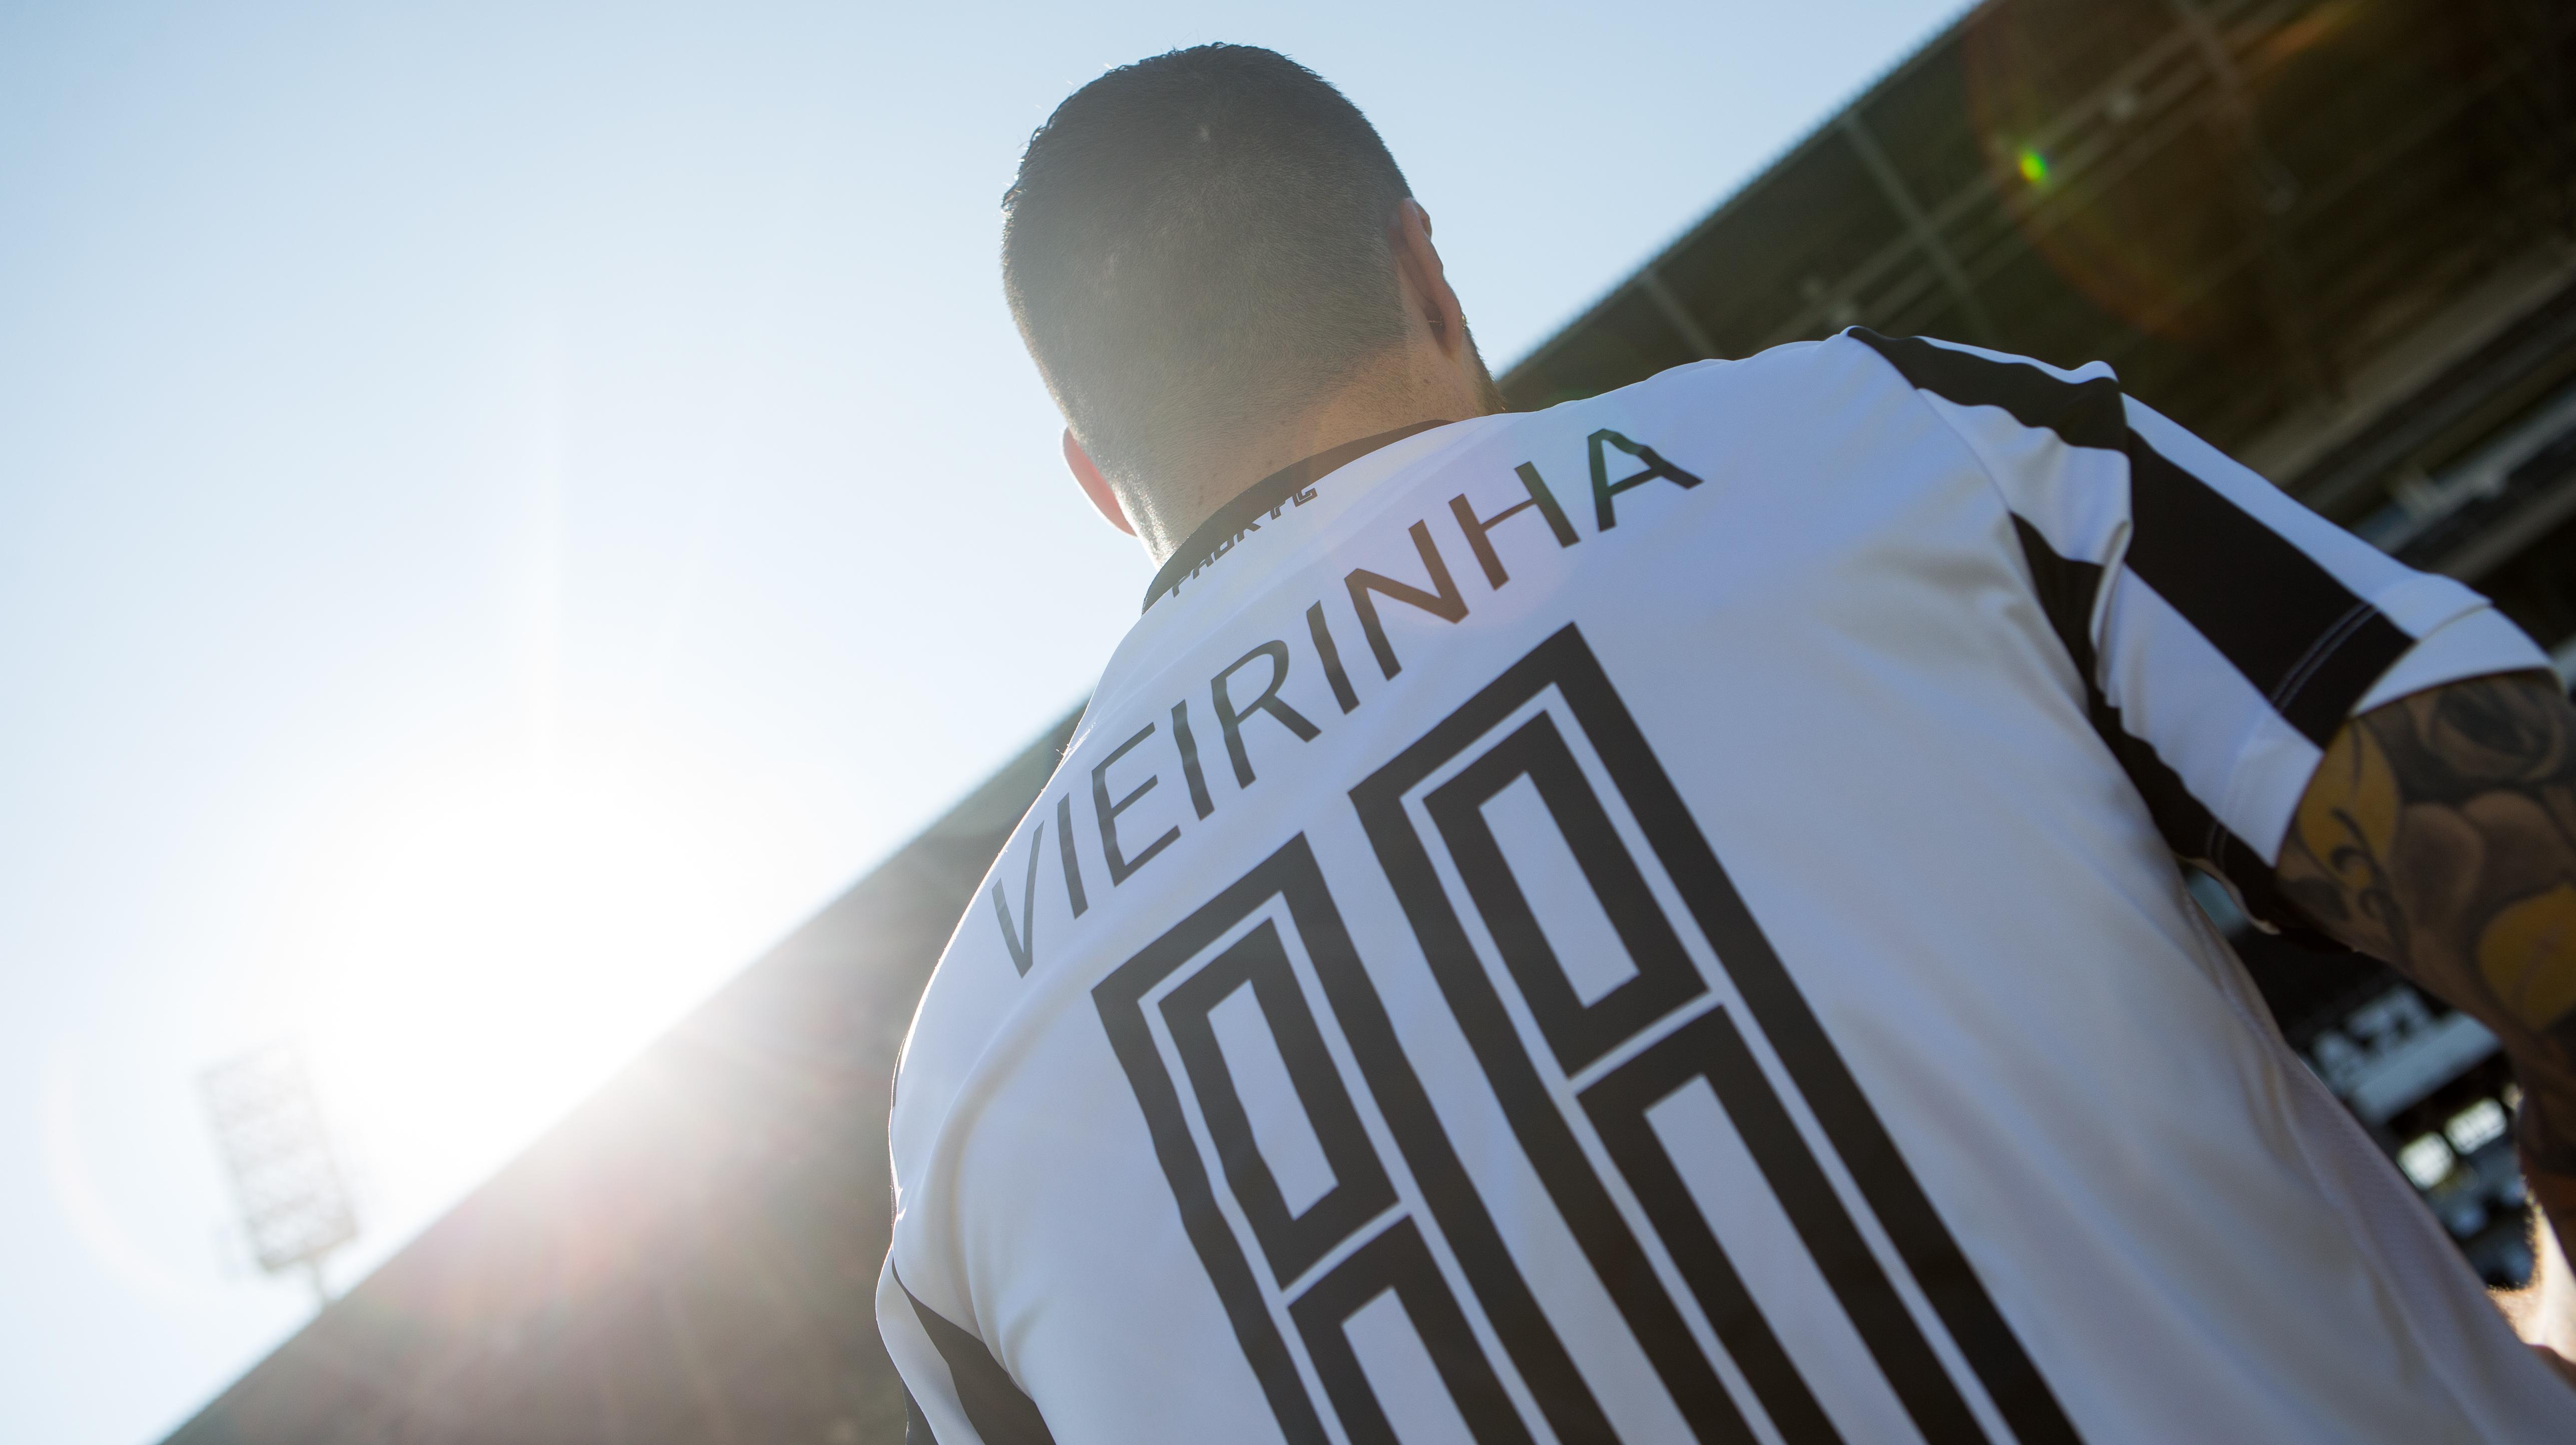 Vieirinha: The Return